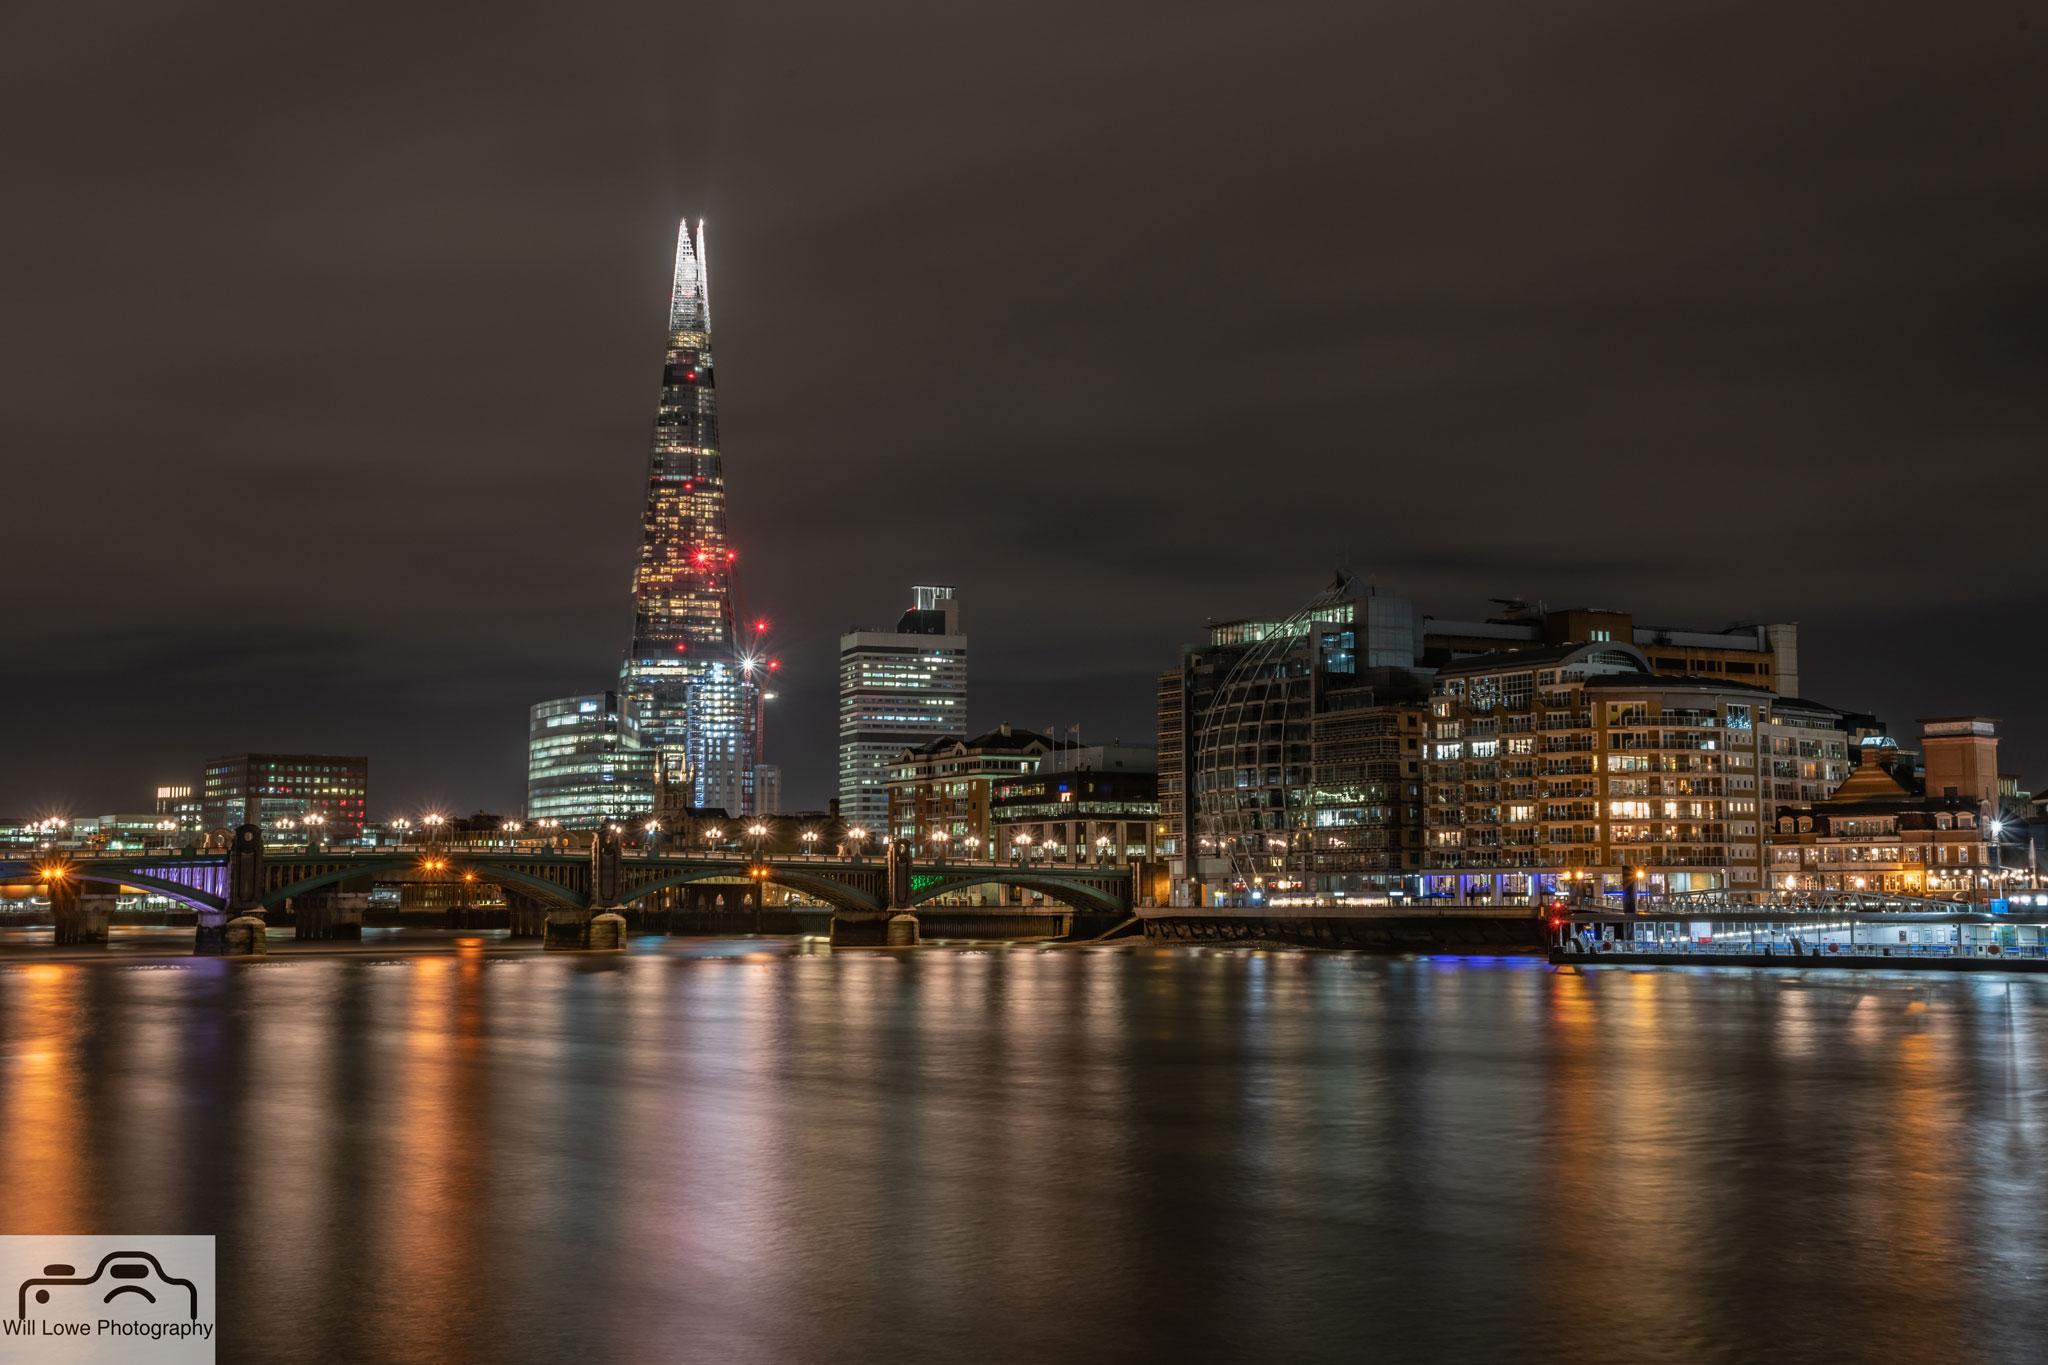 The Shard - London